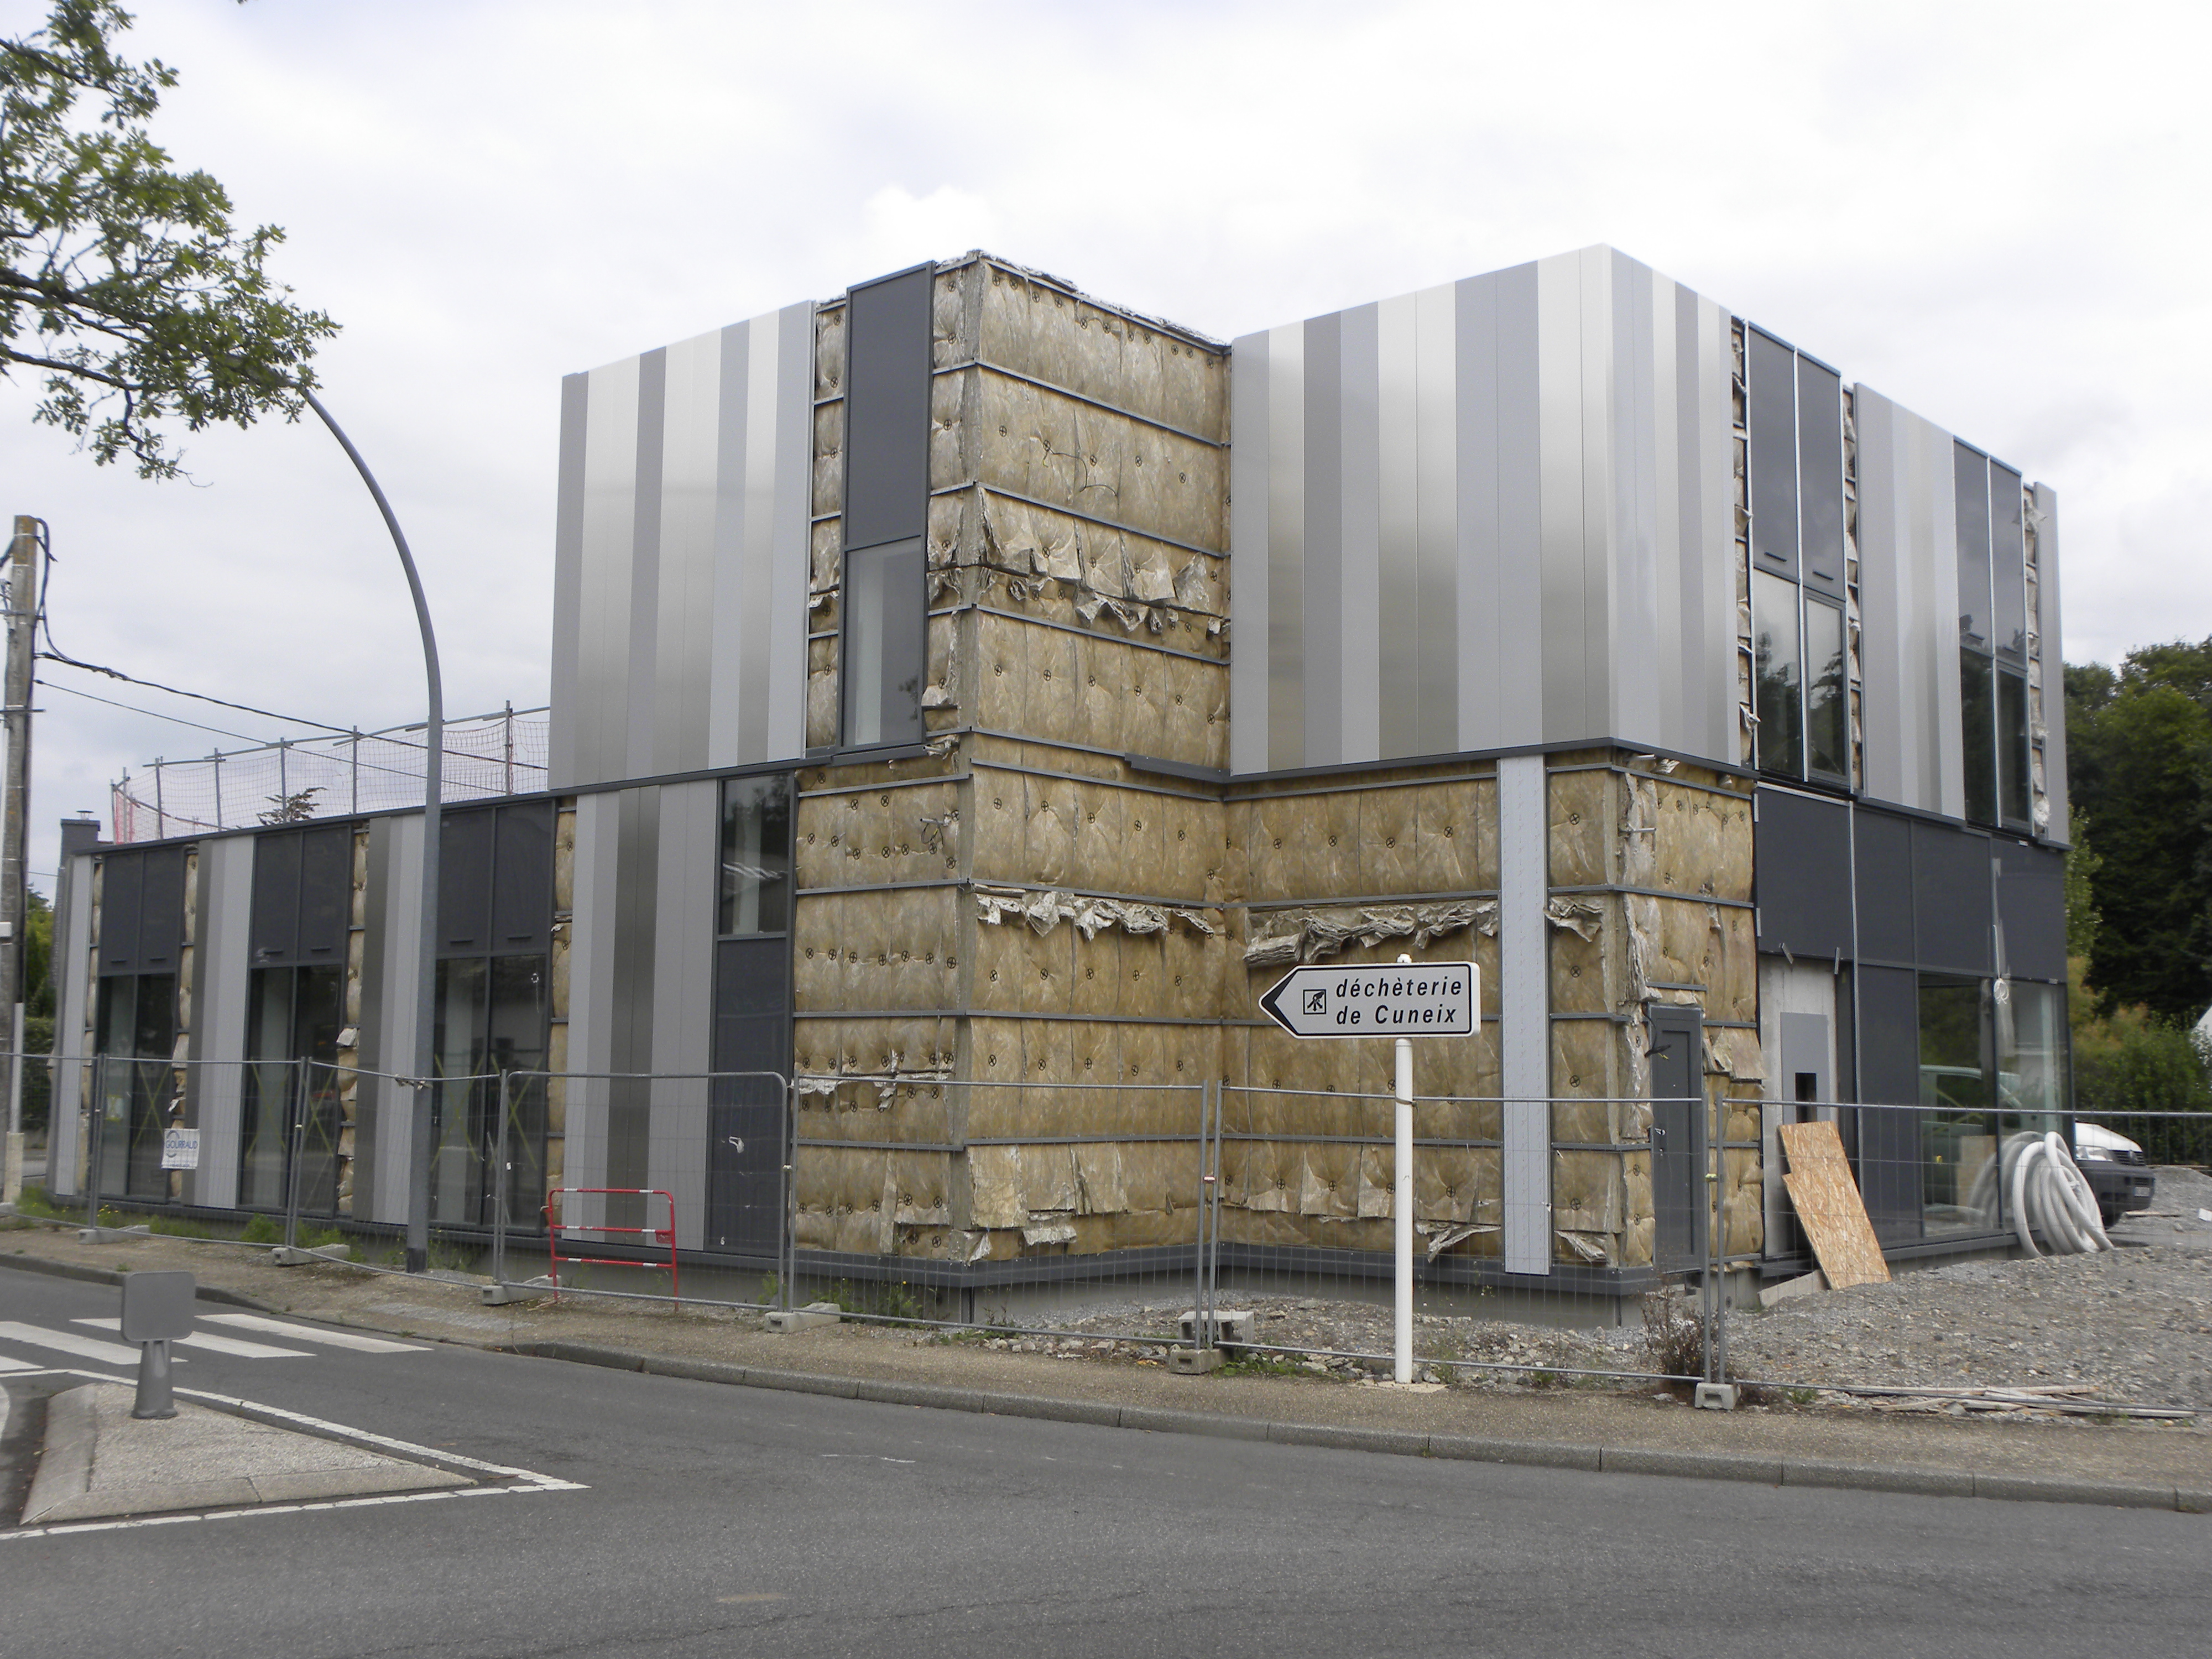 lames de bardage, posées verticalement et habillant les 4 façades du bâtiment